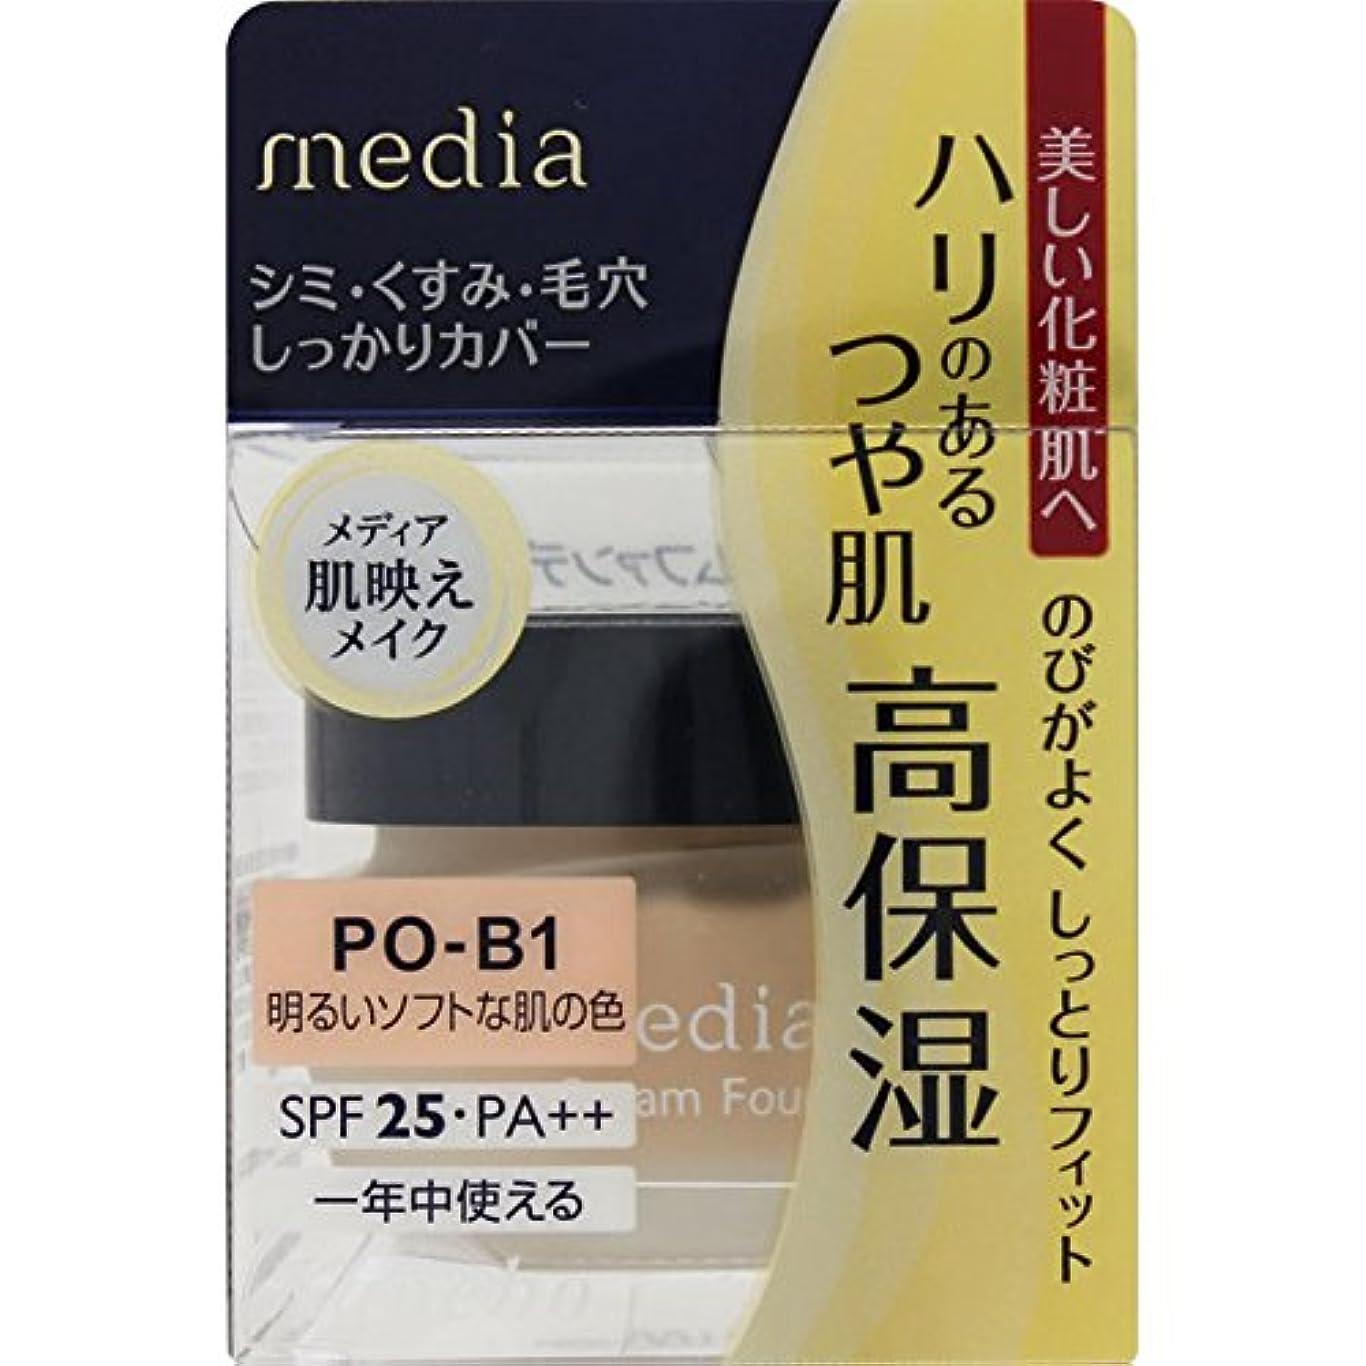 天才破産打たれたトラックカネボウ化粧品 メディア クリームファンデーション 明るいソフトな肌の色 POーB1